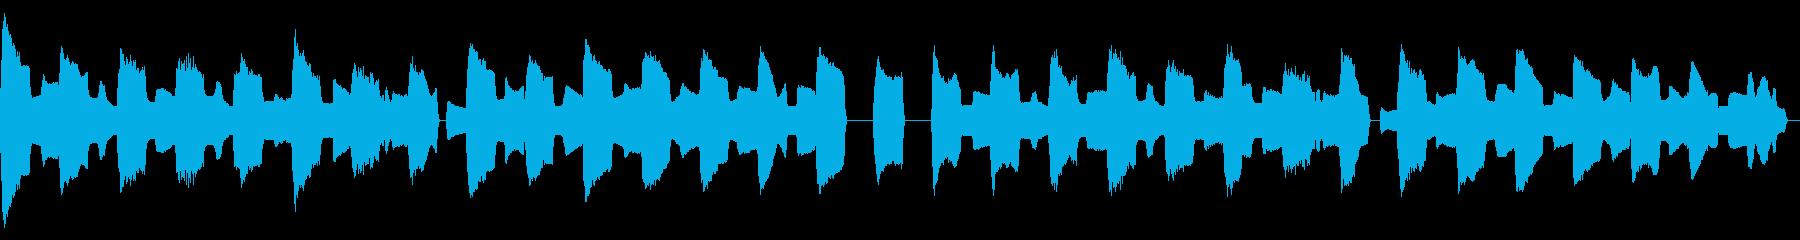 ピタゴラスイッチ風リコーダーカルテットの再生済みの波形